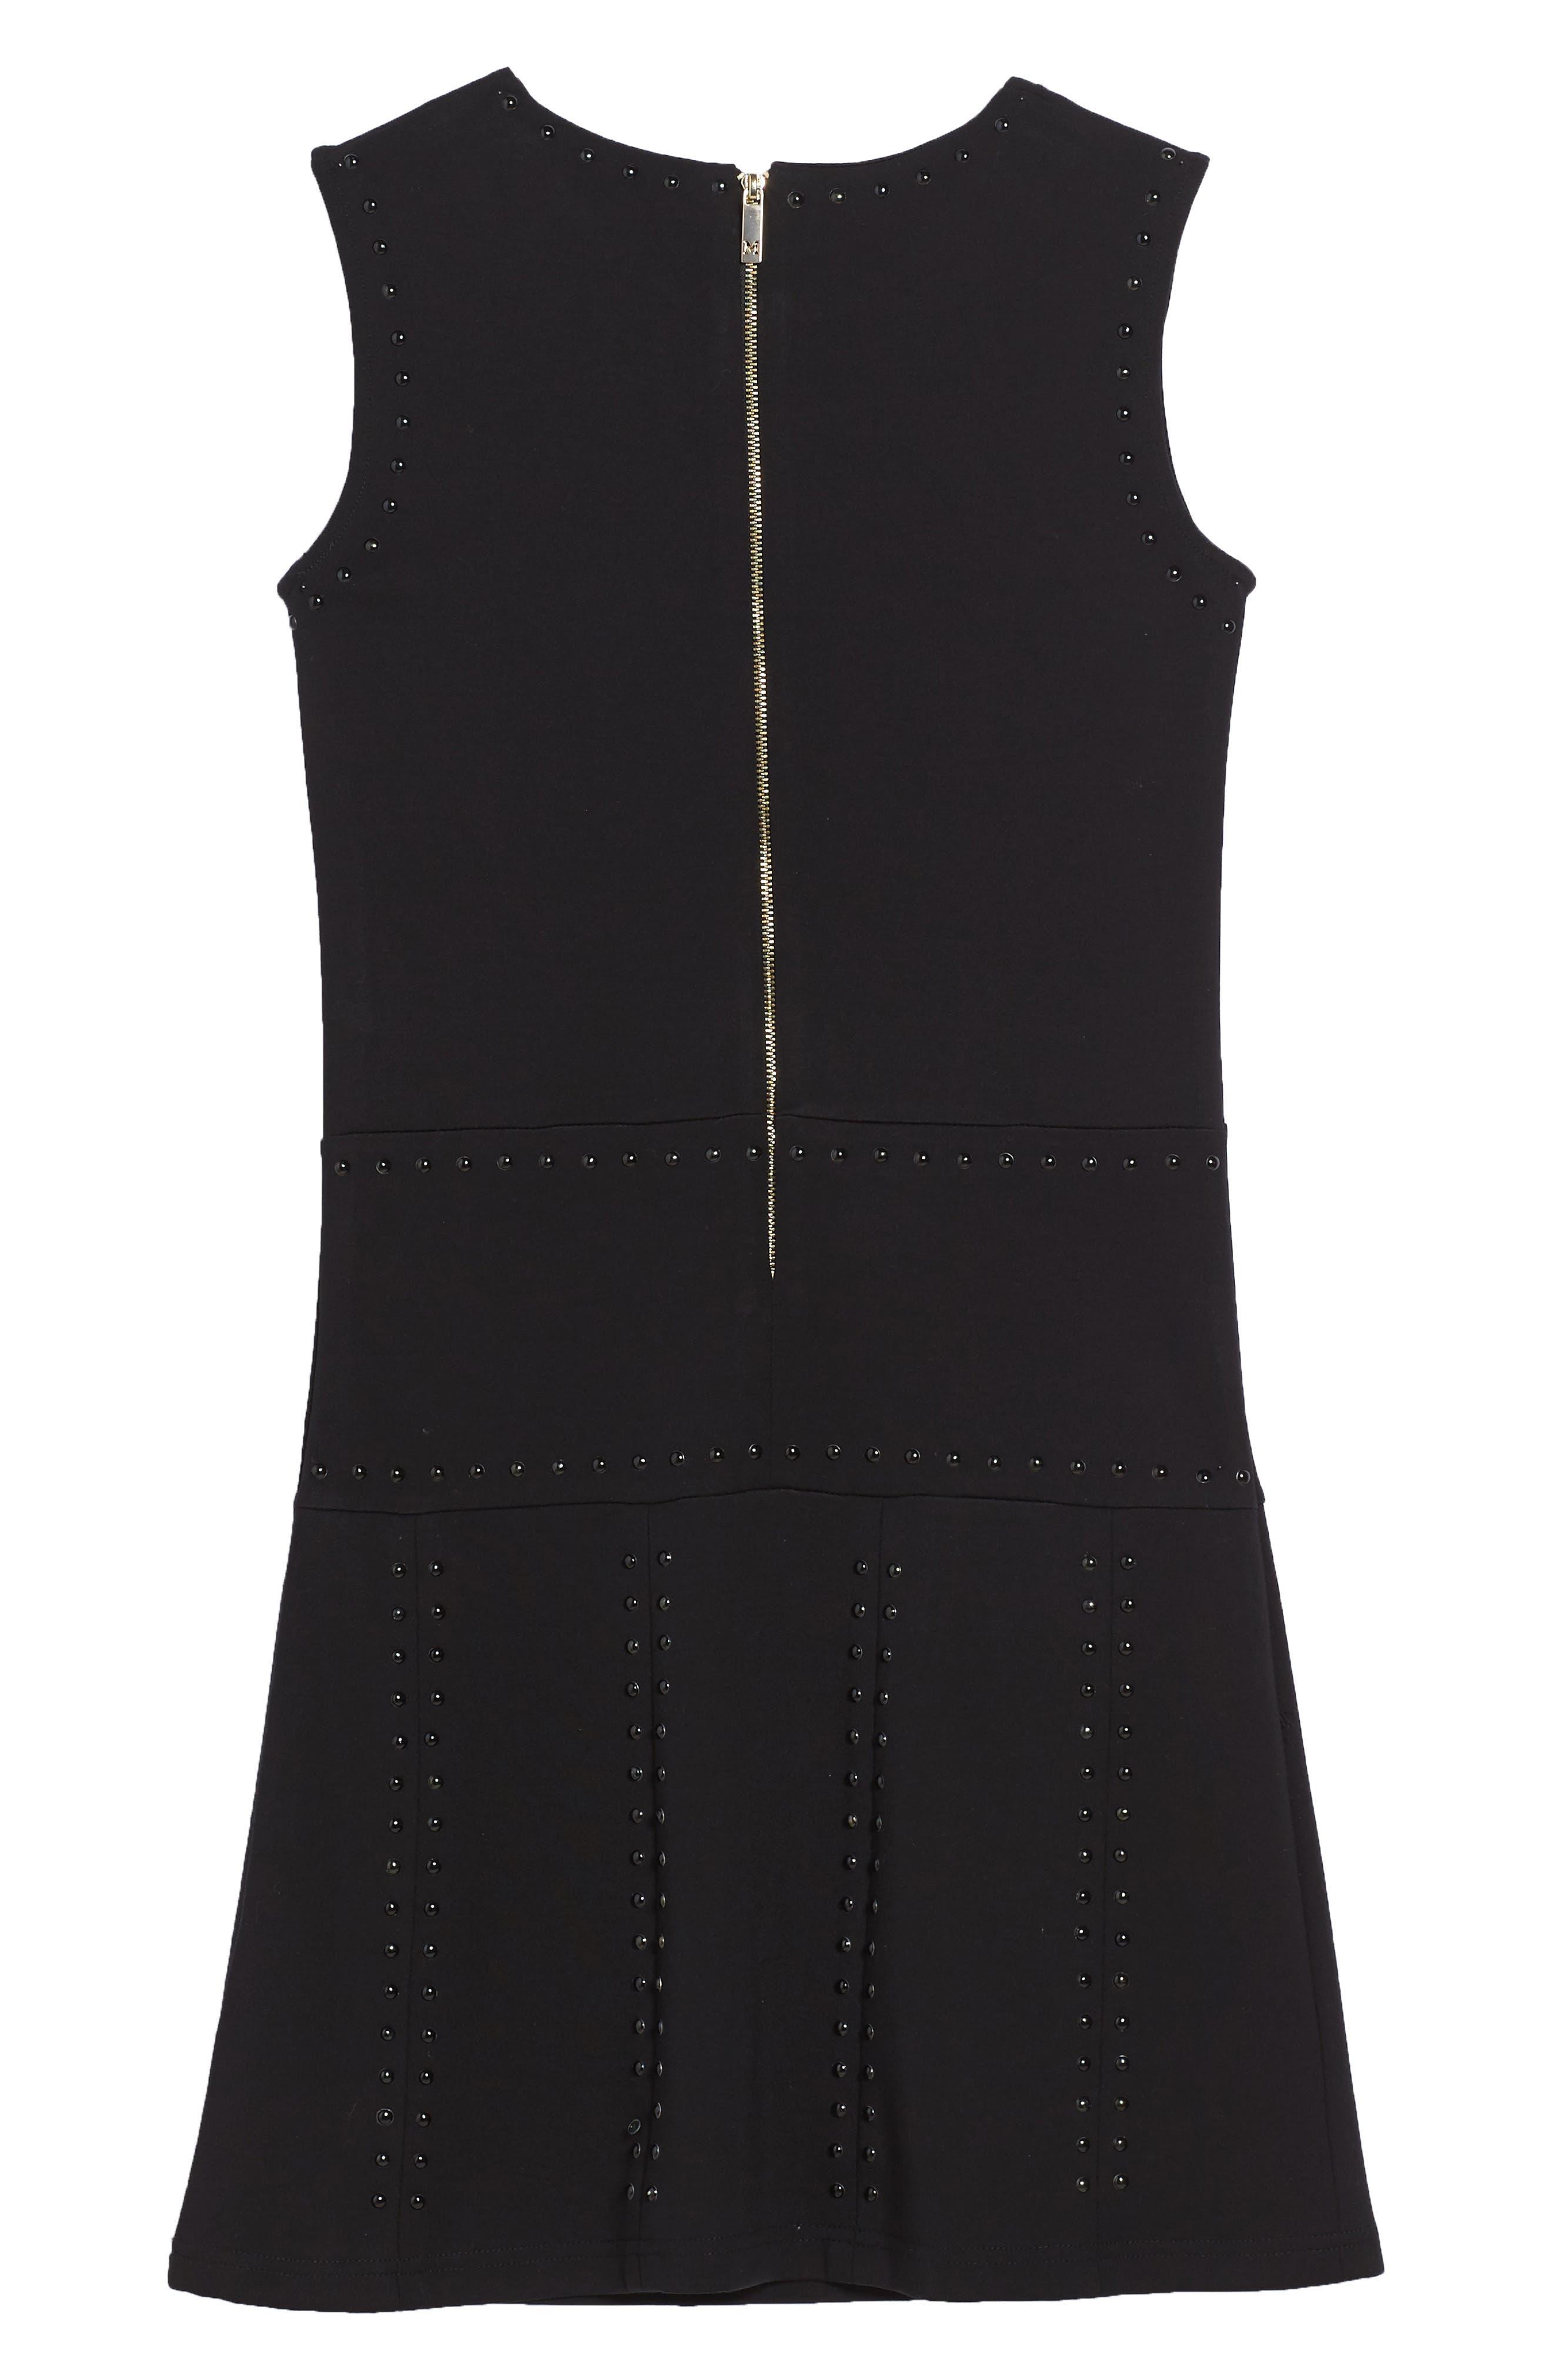 Studded Sleeveless Dress,                             Alternate thumbnail 2, color,                             001